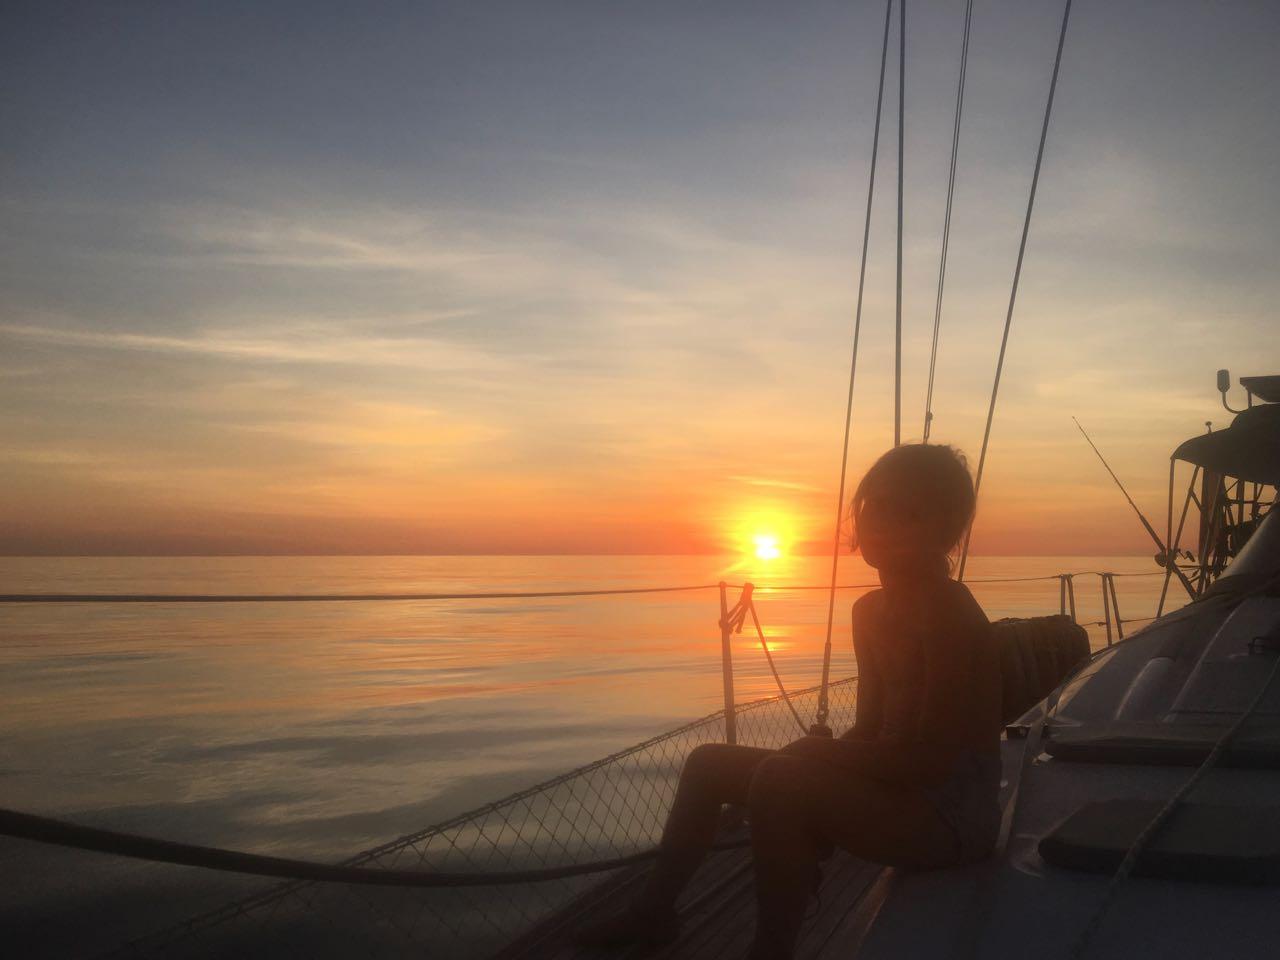 Sonnenuntergang, so wie er im Buche steht, hier in der Arafure See nördlich von Australien